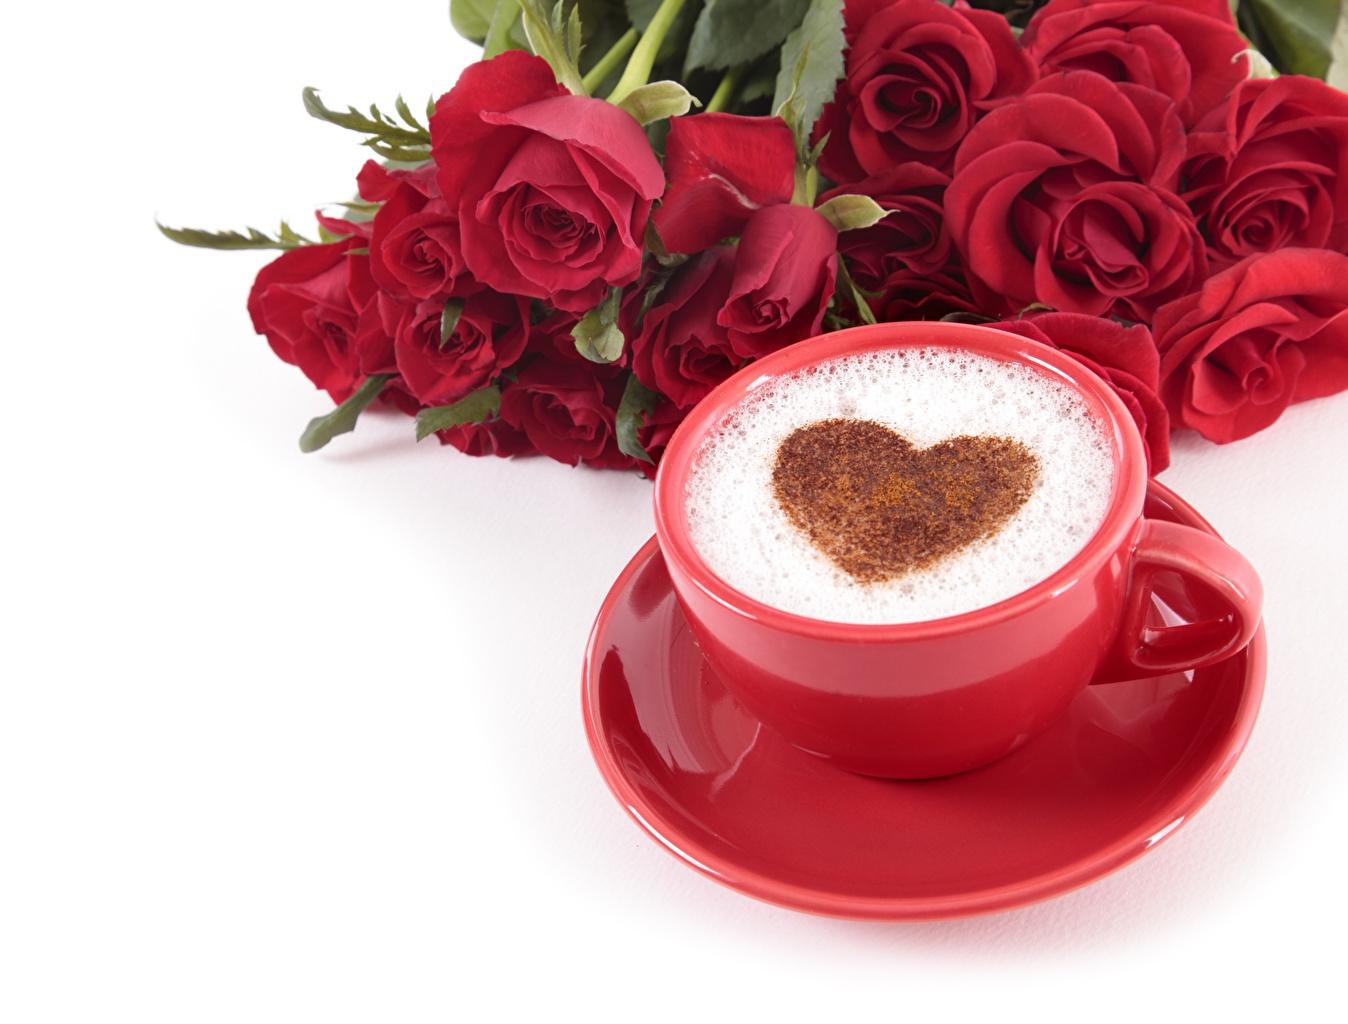 Фотография День всех влюблённых Сердце Кофе Капучино Еда чашке блюдца белом фоне День святого Валентина серце сердца сердечко Пища Чашка Блюдце Продукты питания Белый фон белым фоном